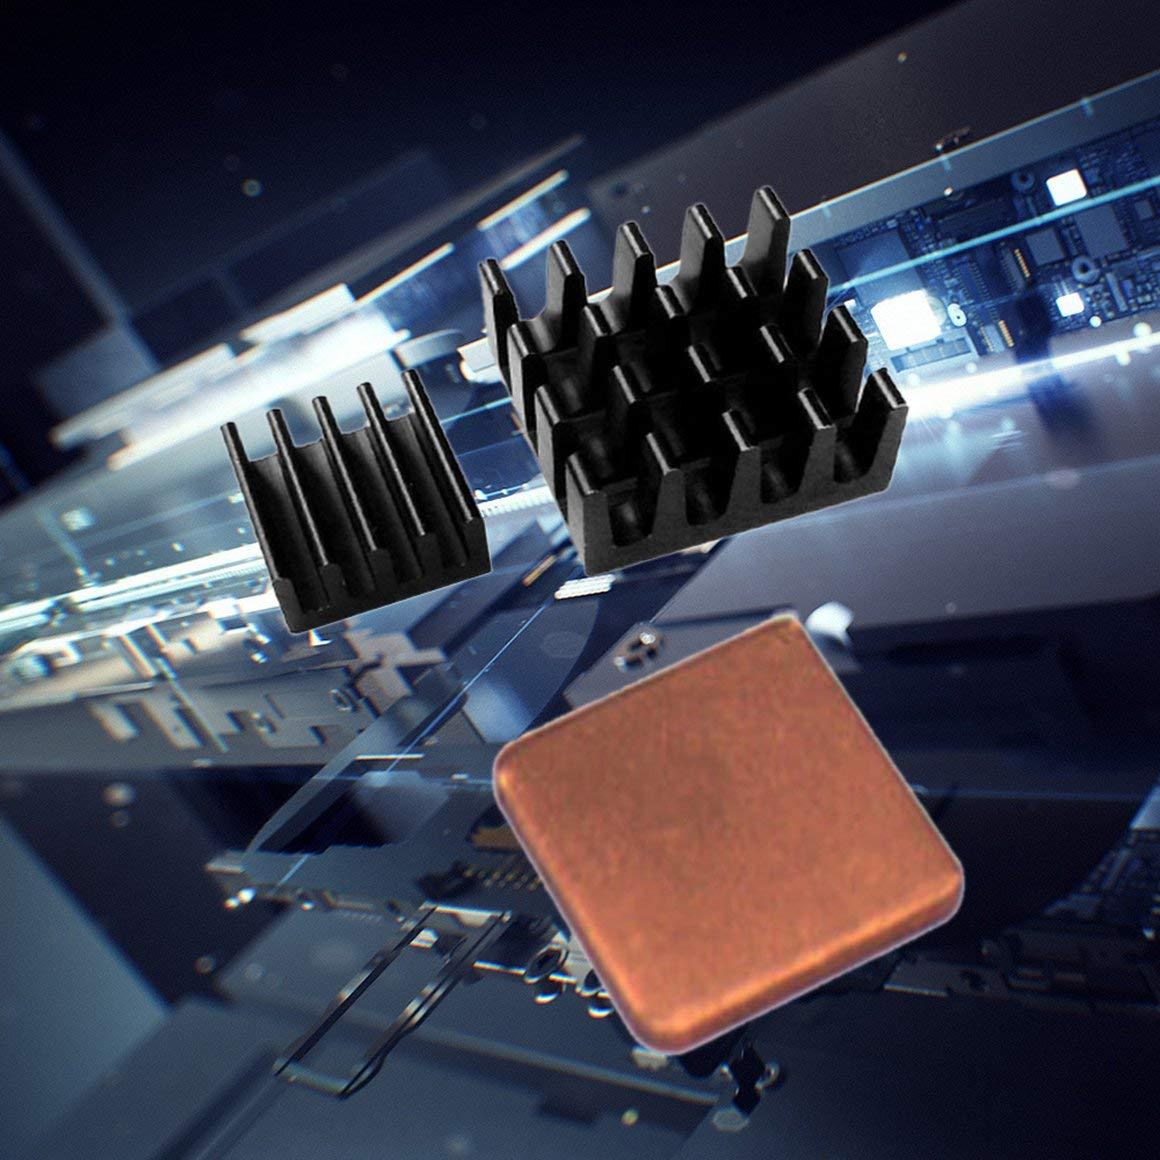 con disipador de Calor de Aluminio de Cobre Puro 3 Piezas de un Conjunto de Bolsas Ziplock PP Multicolor Funnyrunstore Pi 3 2B 3B B